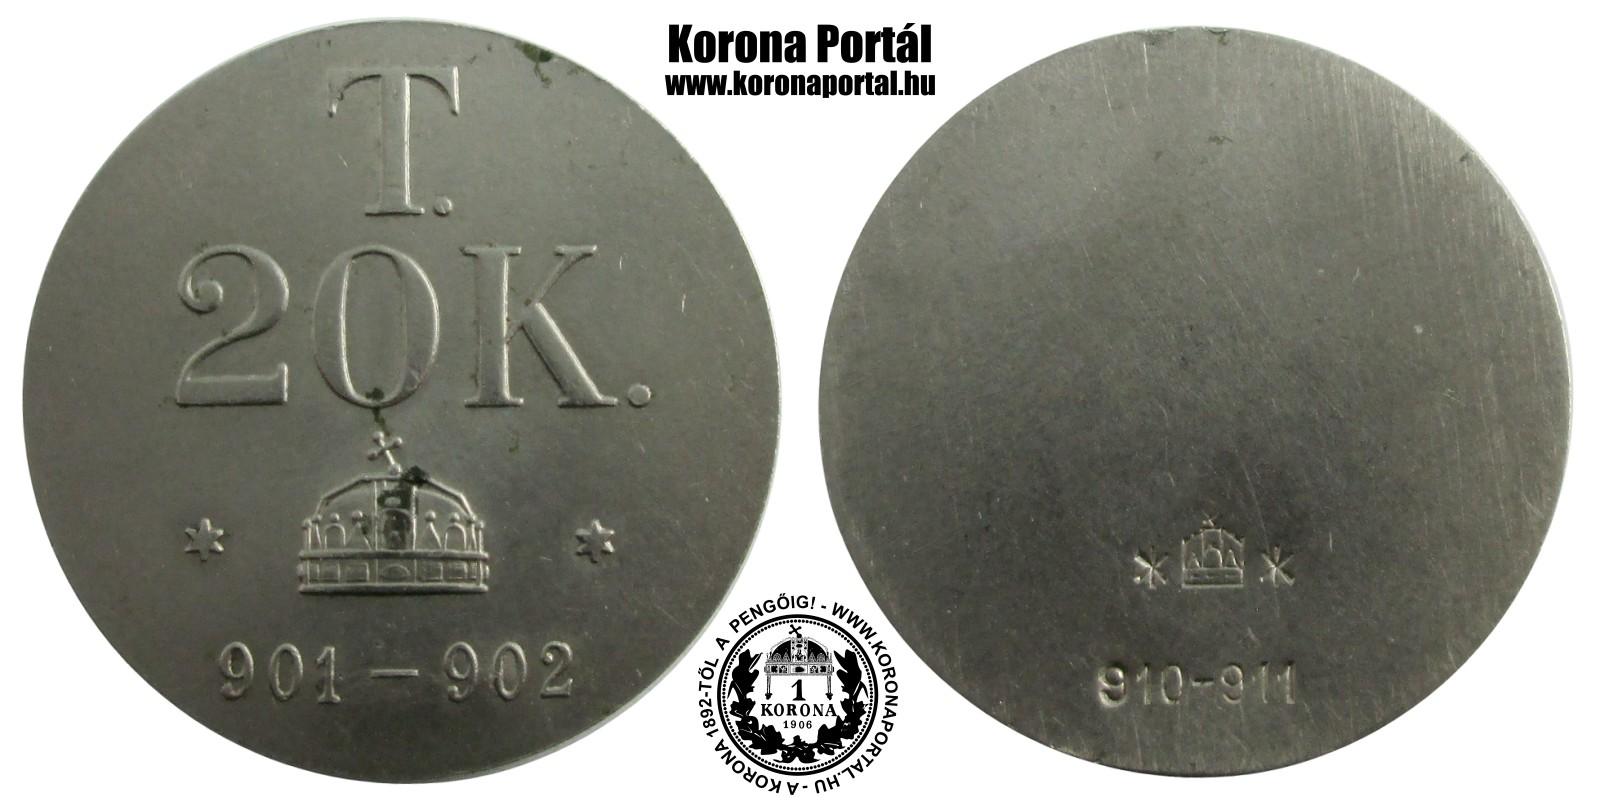 http://www.koronaportal.hu/penzsuly-sulypenz/www_koronaportal_hu_penzsuly-sulypenz-arany-20-korona-20k-t-901-902_vekony.jpg